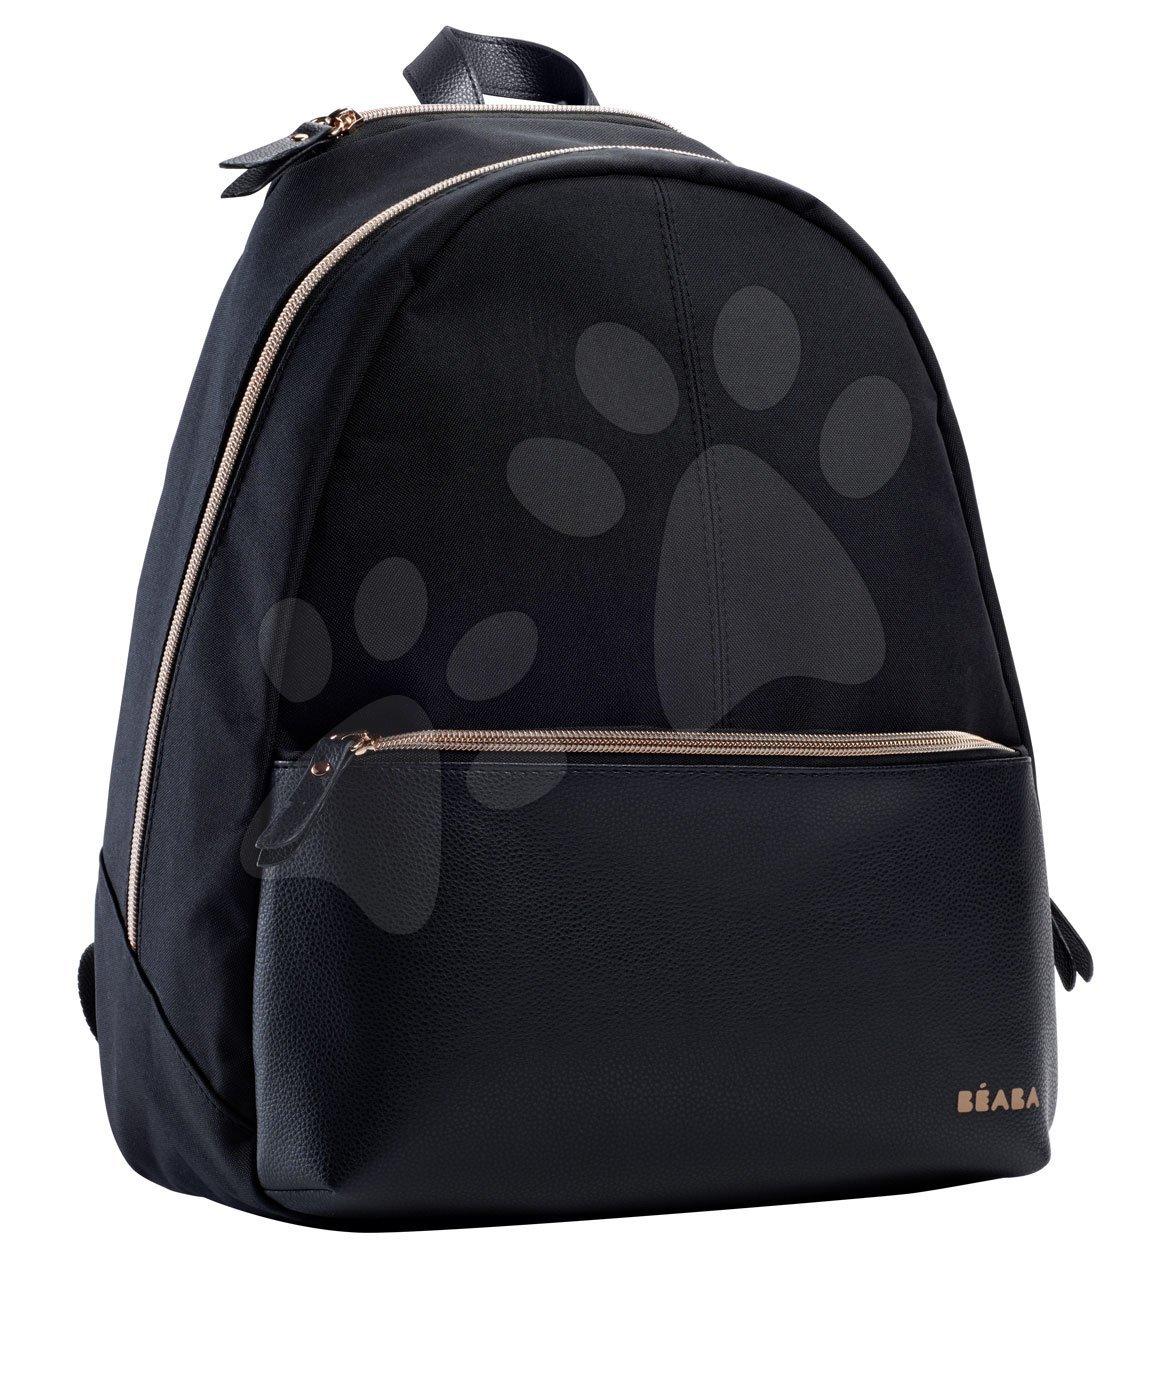 Torba s opremom za previjanje za kolica Beaba San Francisco backpack black/pink gold BE940237